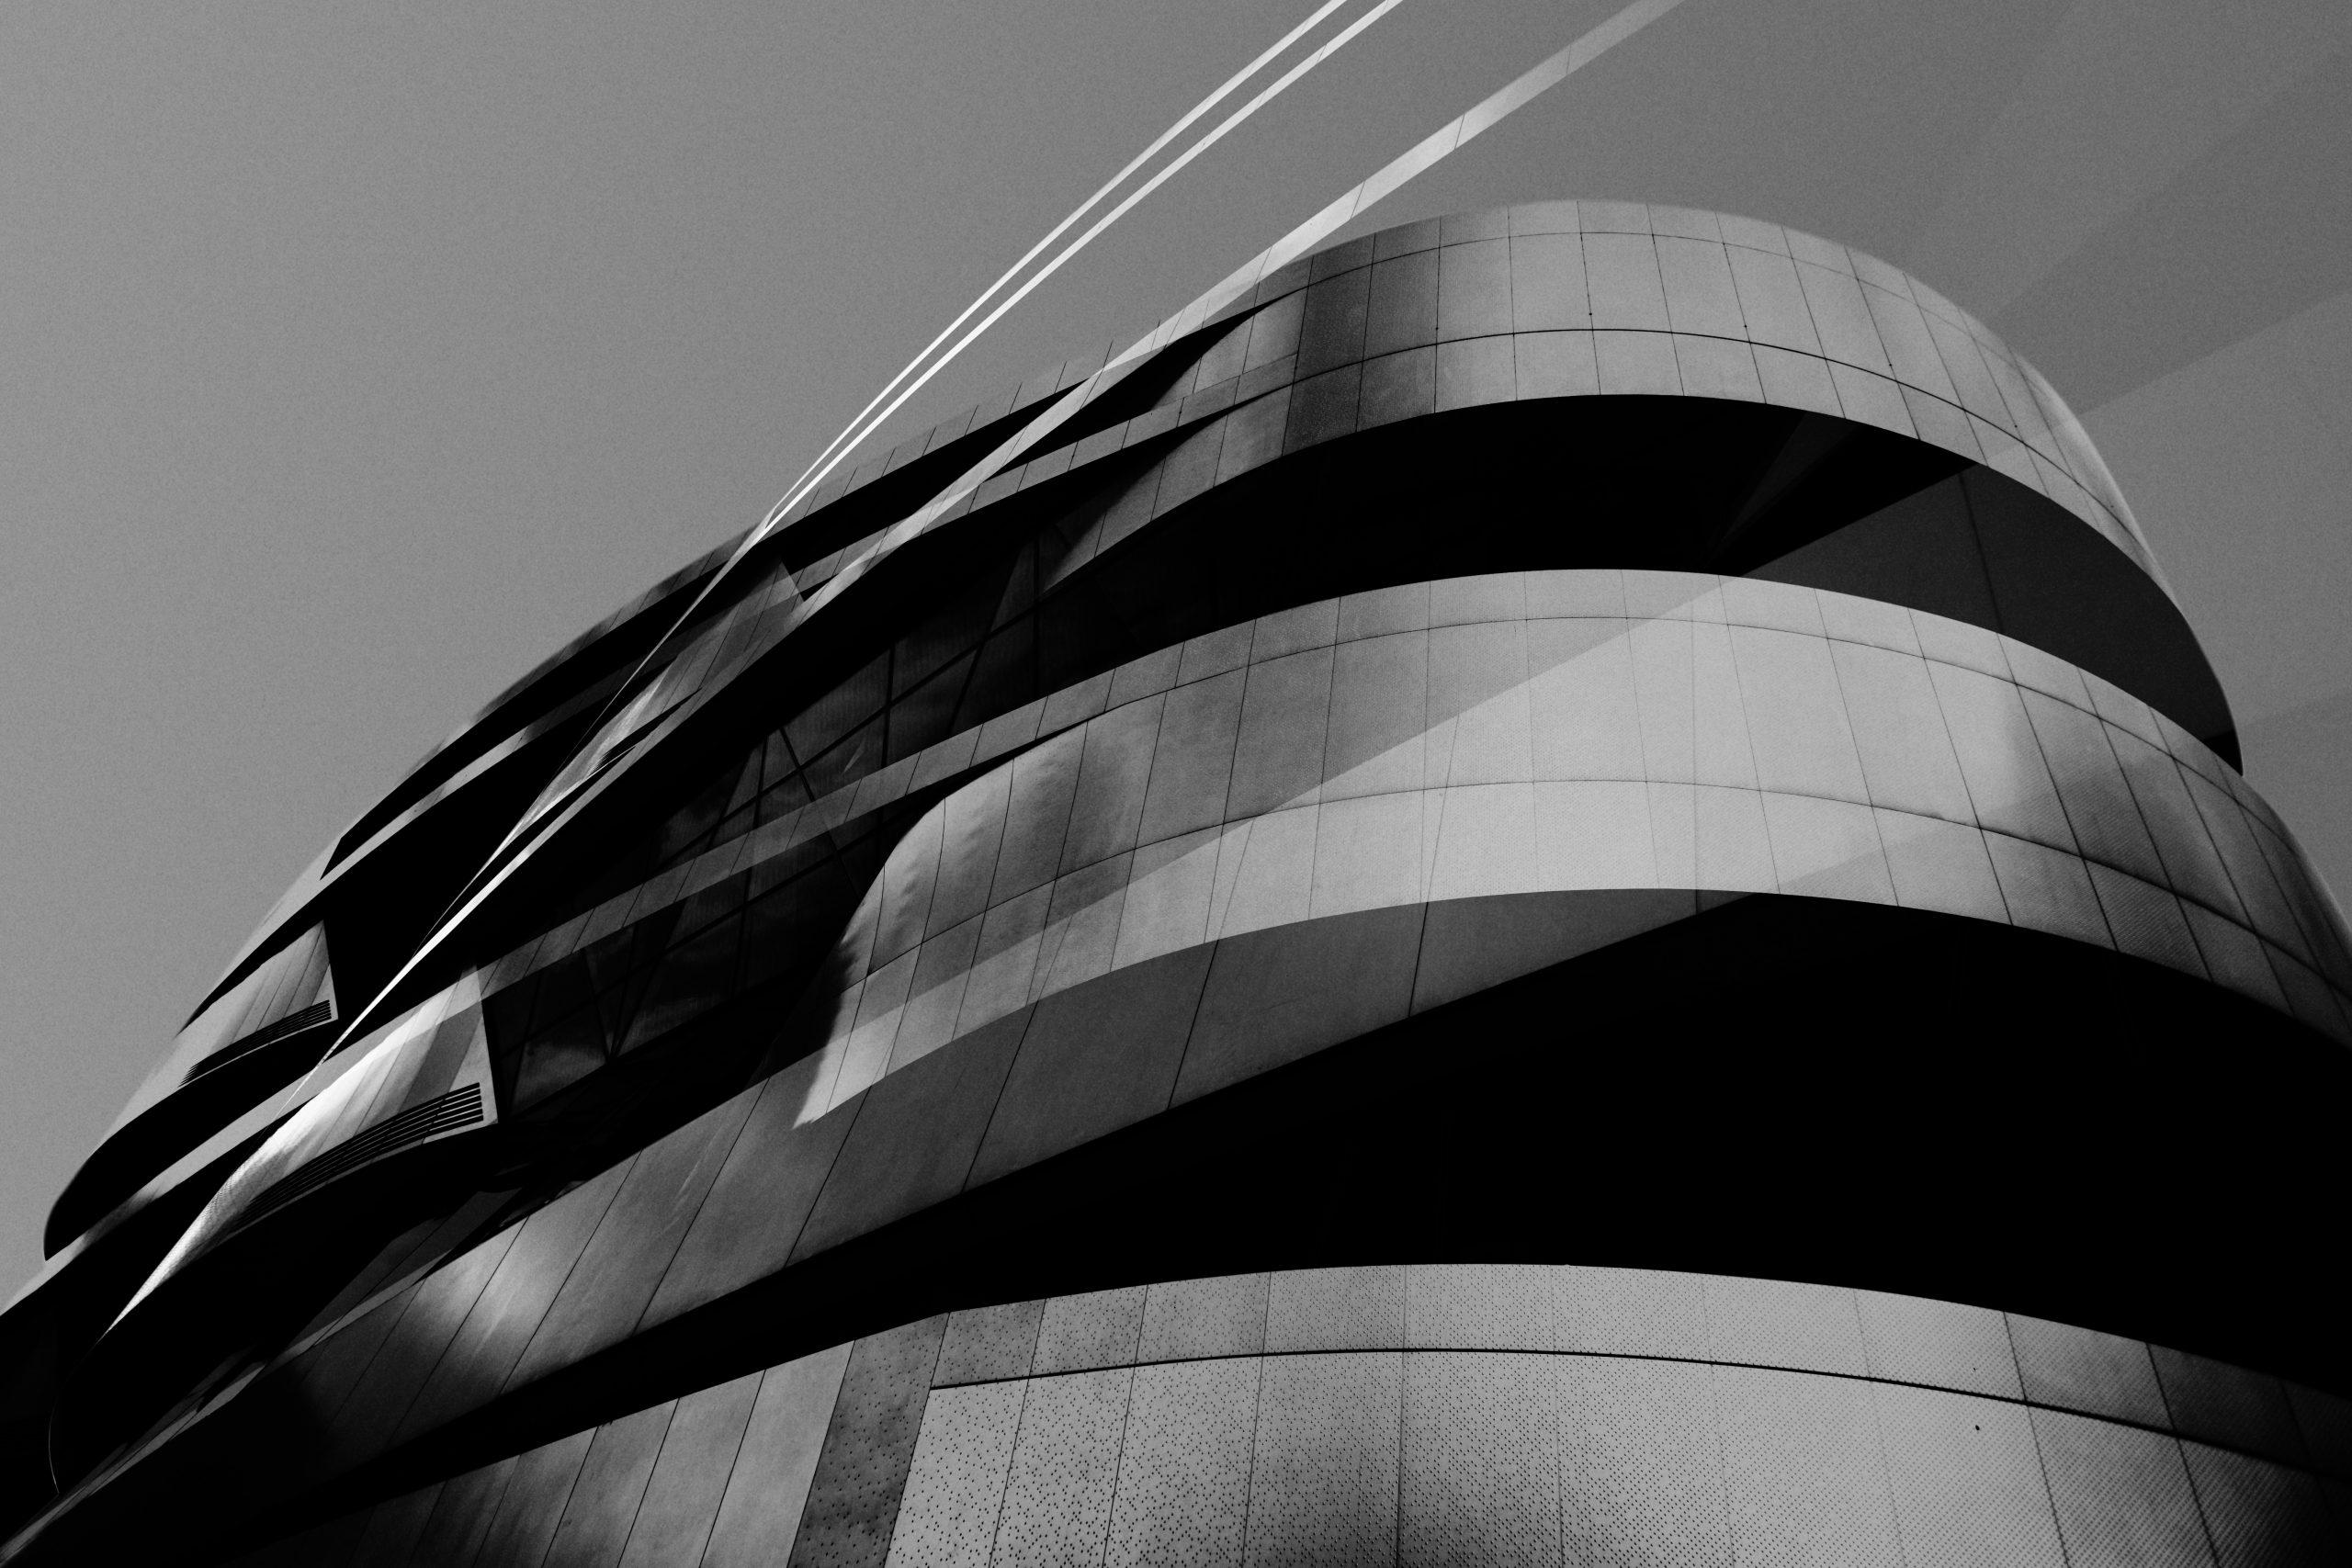 Mercedes Museum, Architecture, Architektur, Building